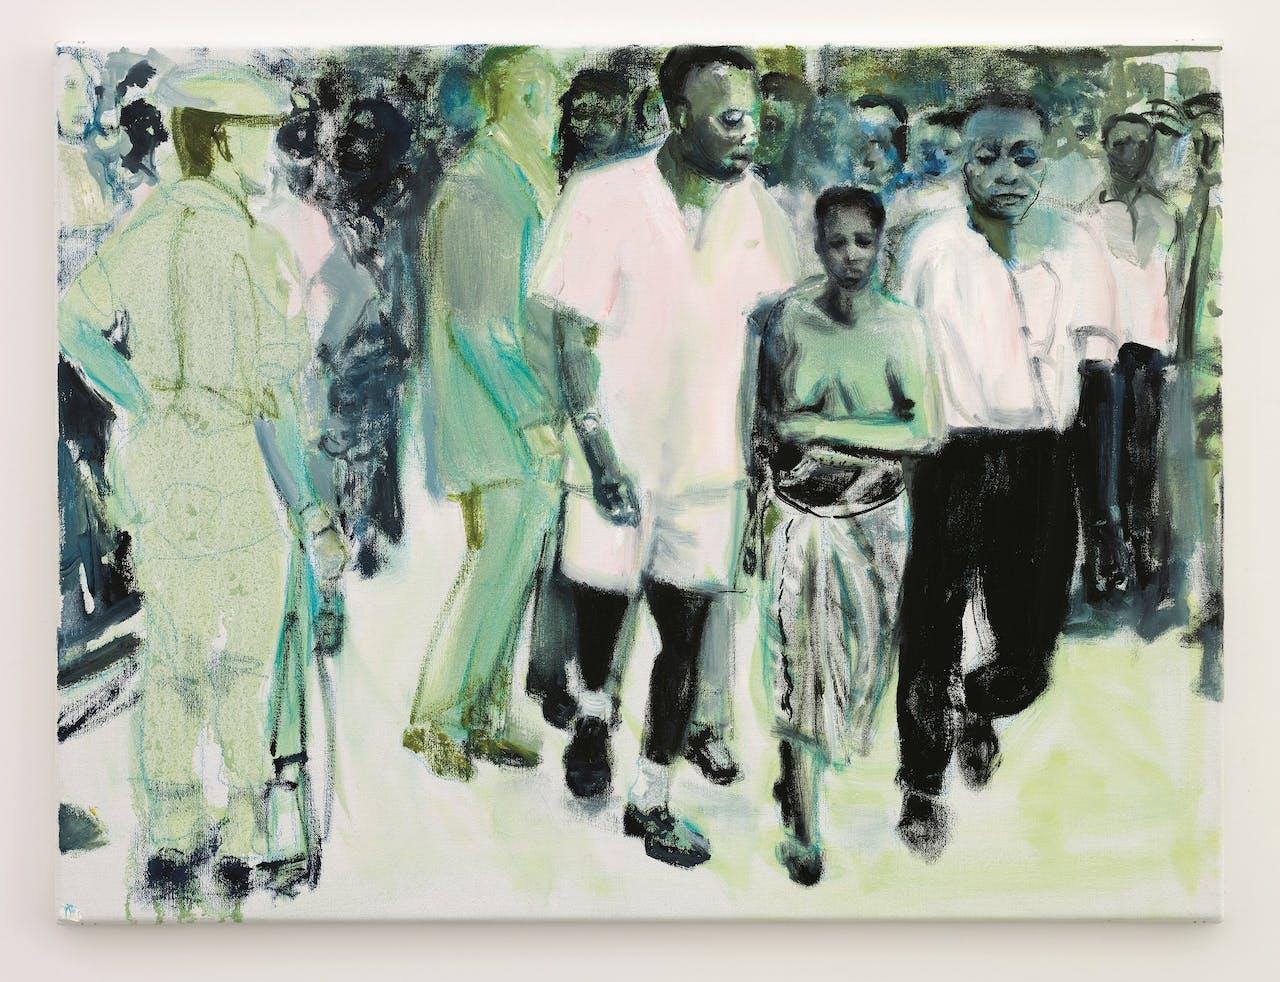 Marlene Dumas: 'The Widow', 2013, naar een foto, uit 1961, van de begrafenis van Patrice Lumumba.